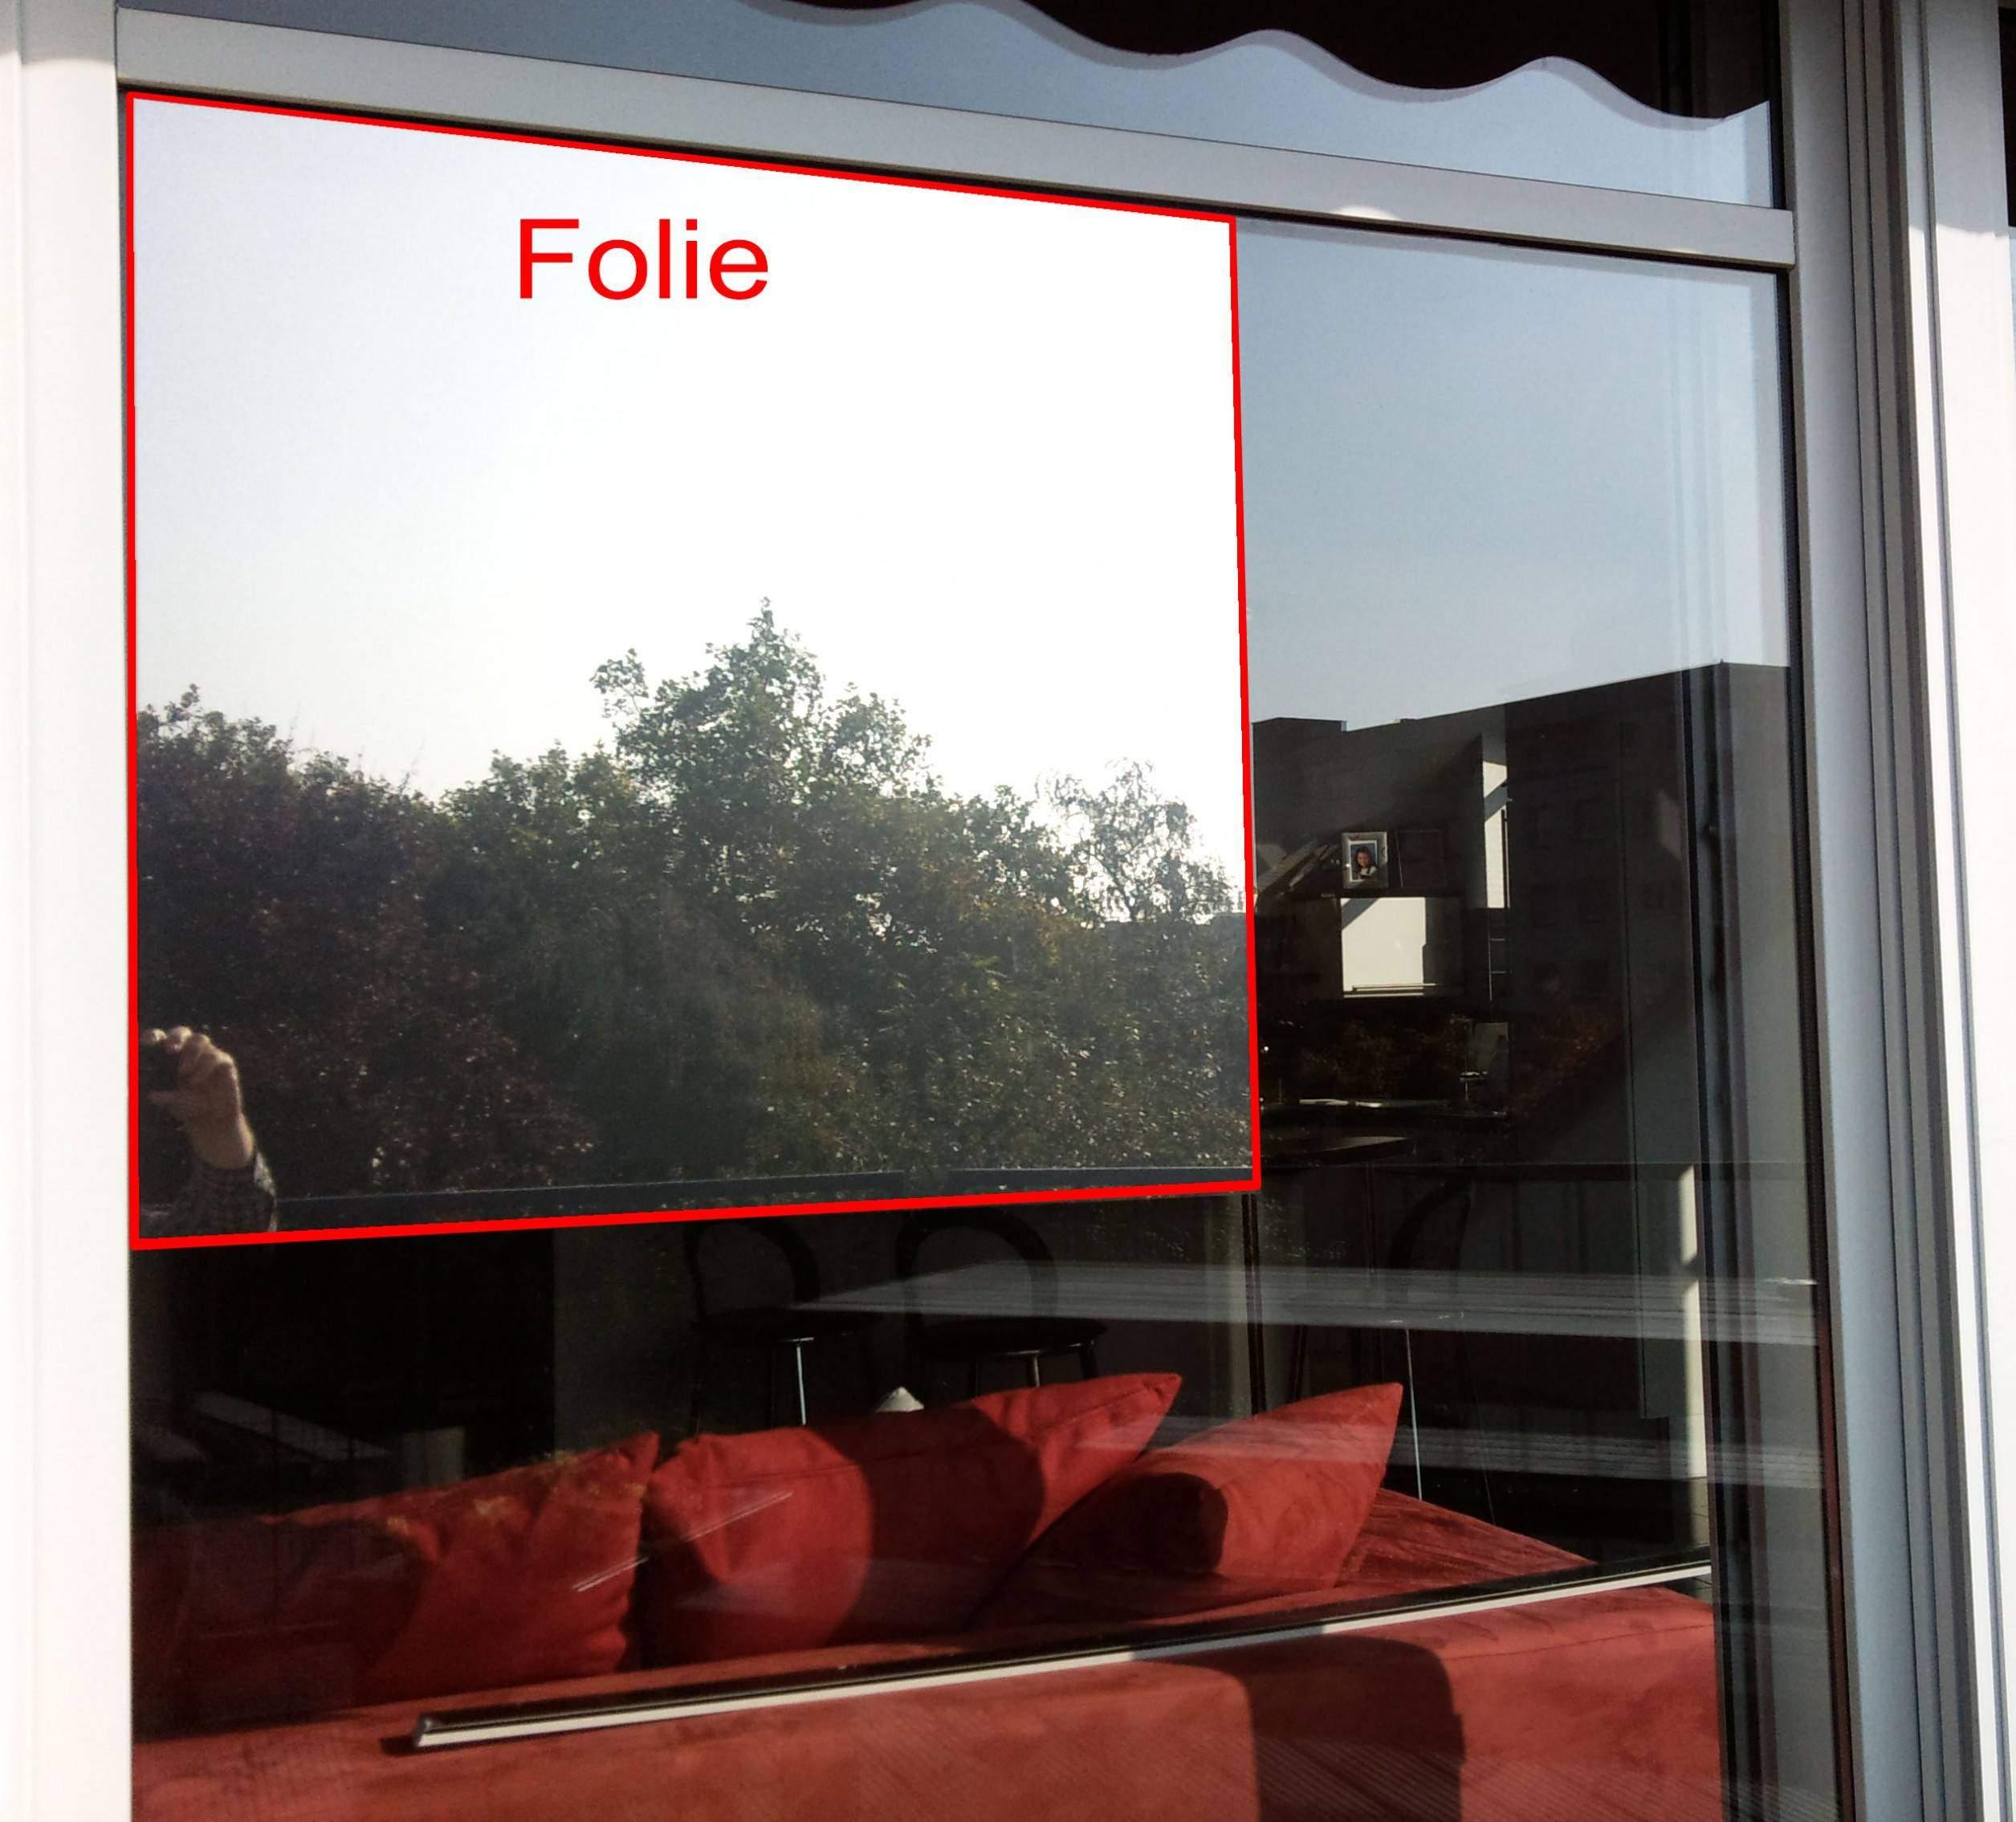 Full Size of Sichtschutz Wohnzimmer Das Beste Von Luxus Ideen Alu Fenster Weru Preise Folie Dreifachverglasung Sichtschutzfolie Für Insektenschutzrollo Teleskopstange Wohnzimmer Sichtschutz Fenster Innen Ideen